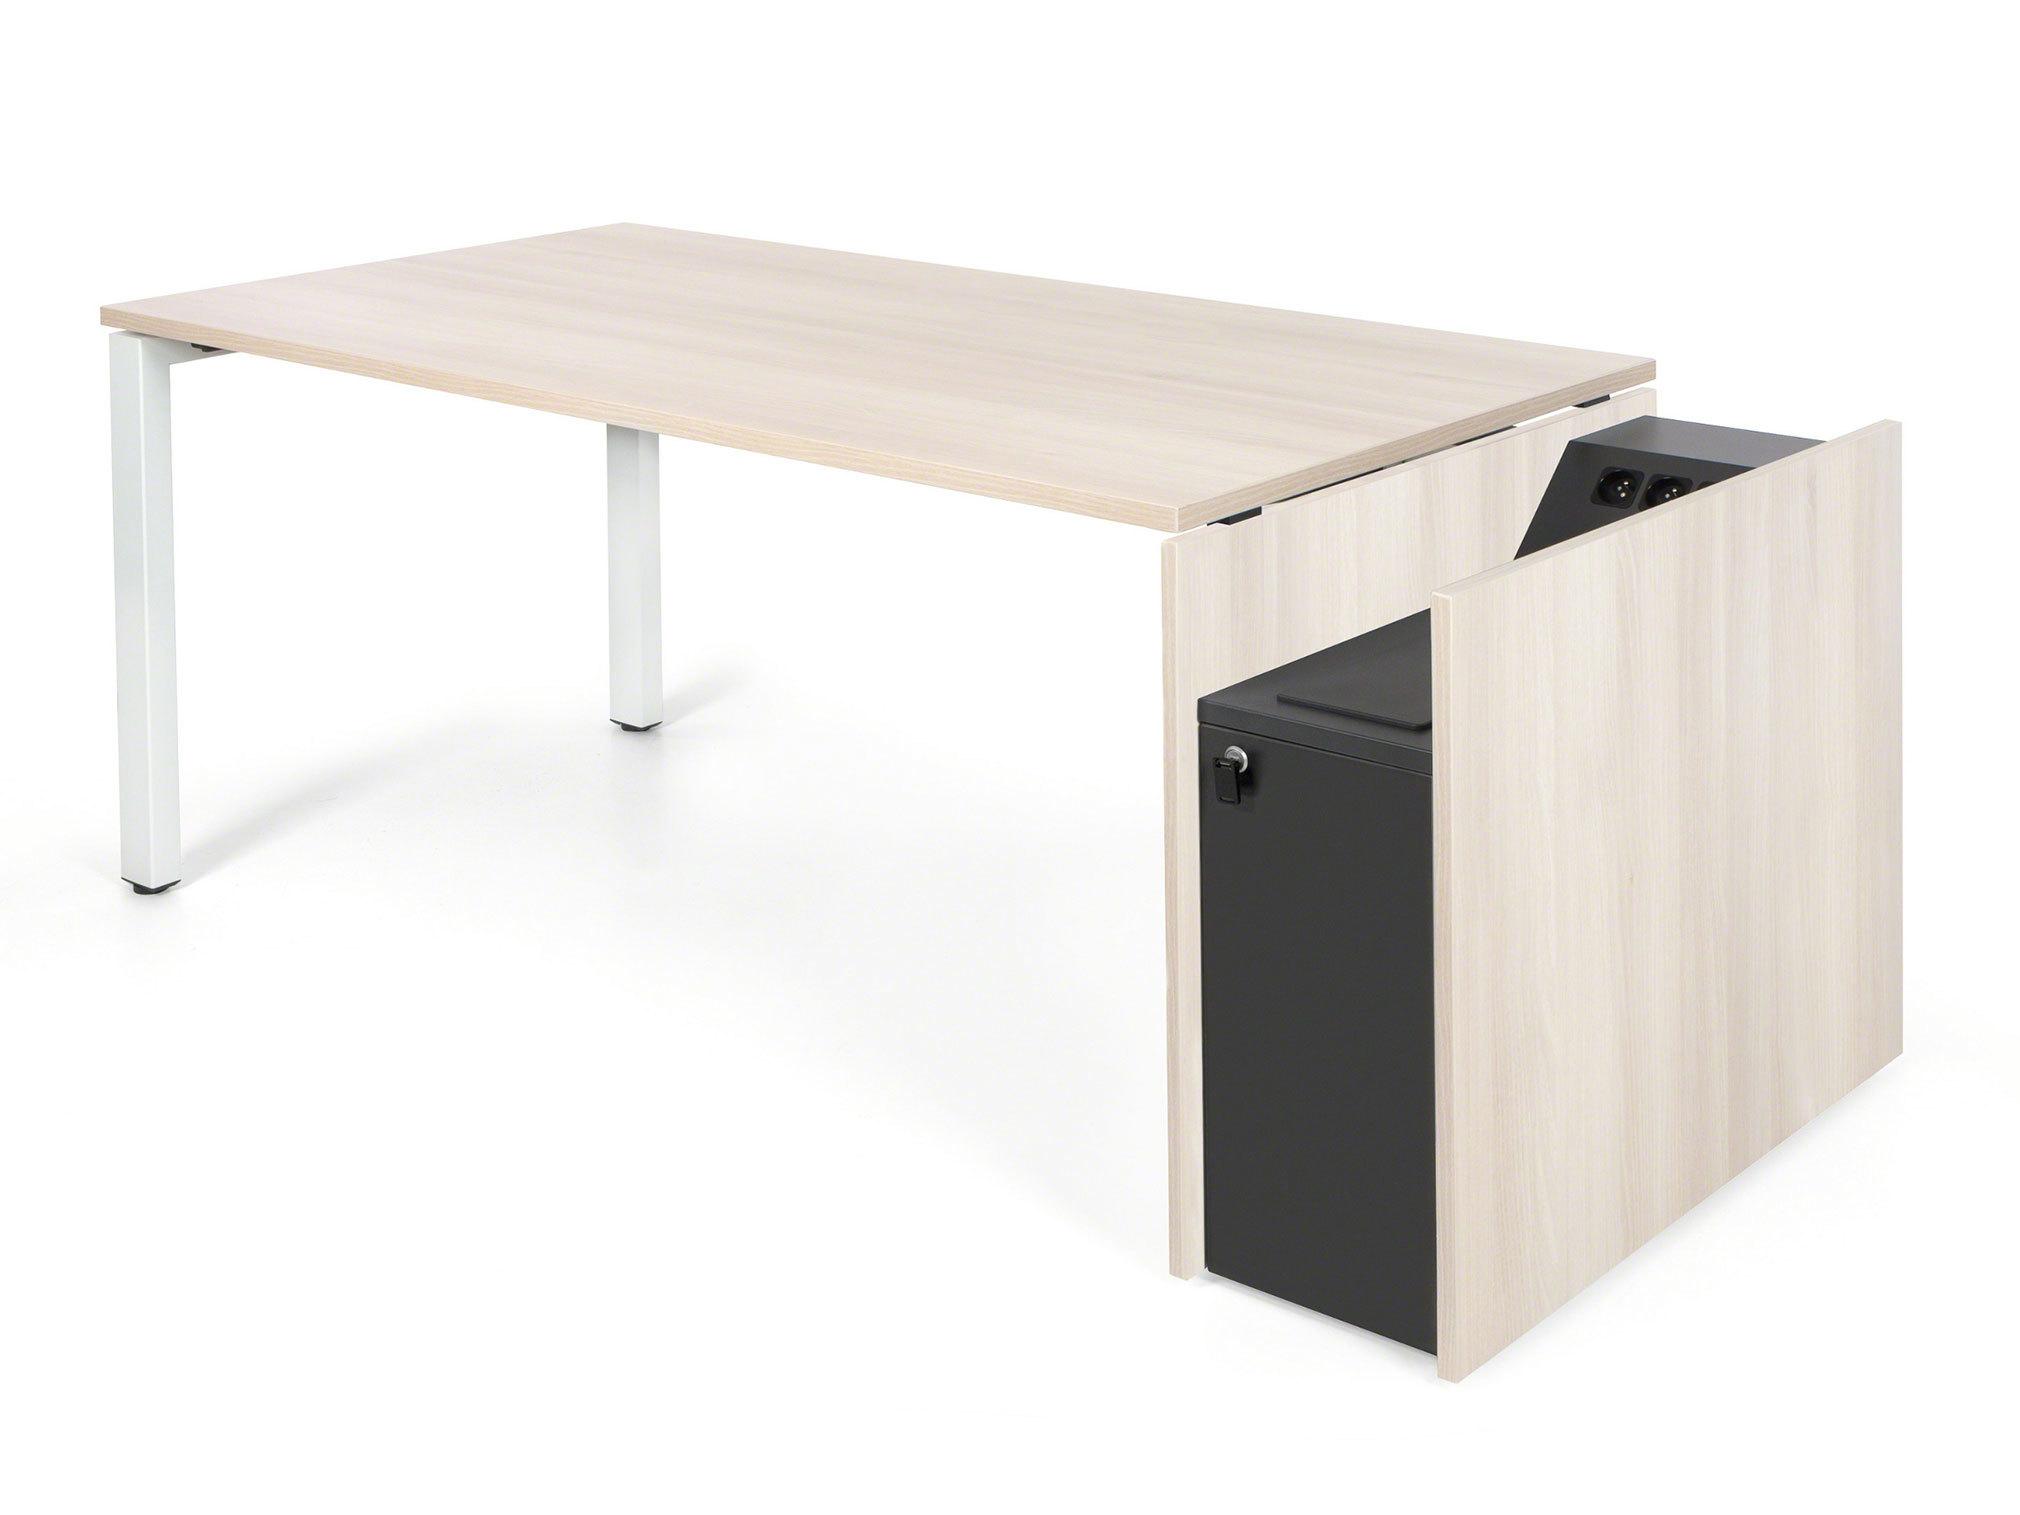 B-Free Tisch von Steelcase | STYLEPARK